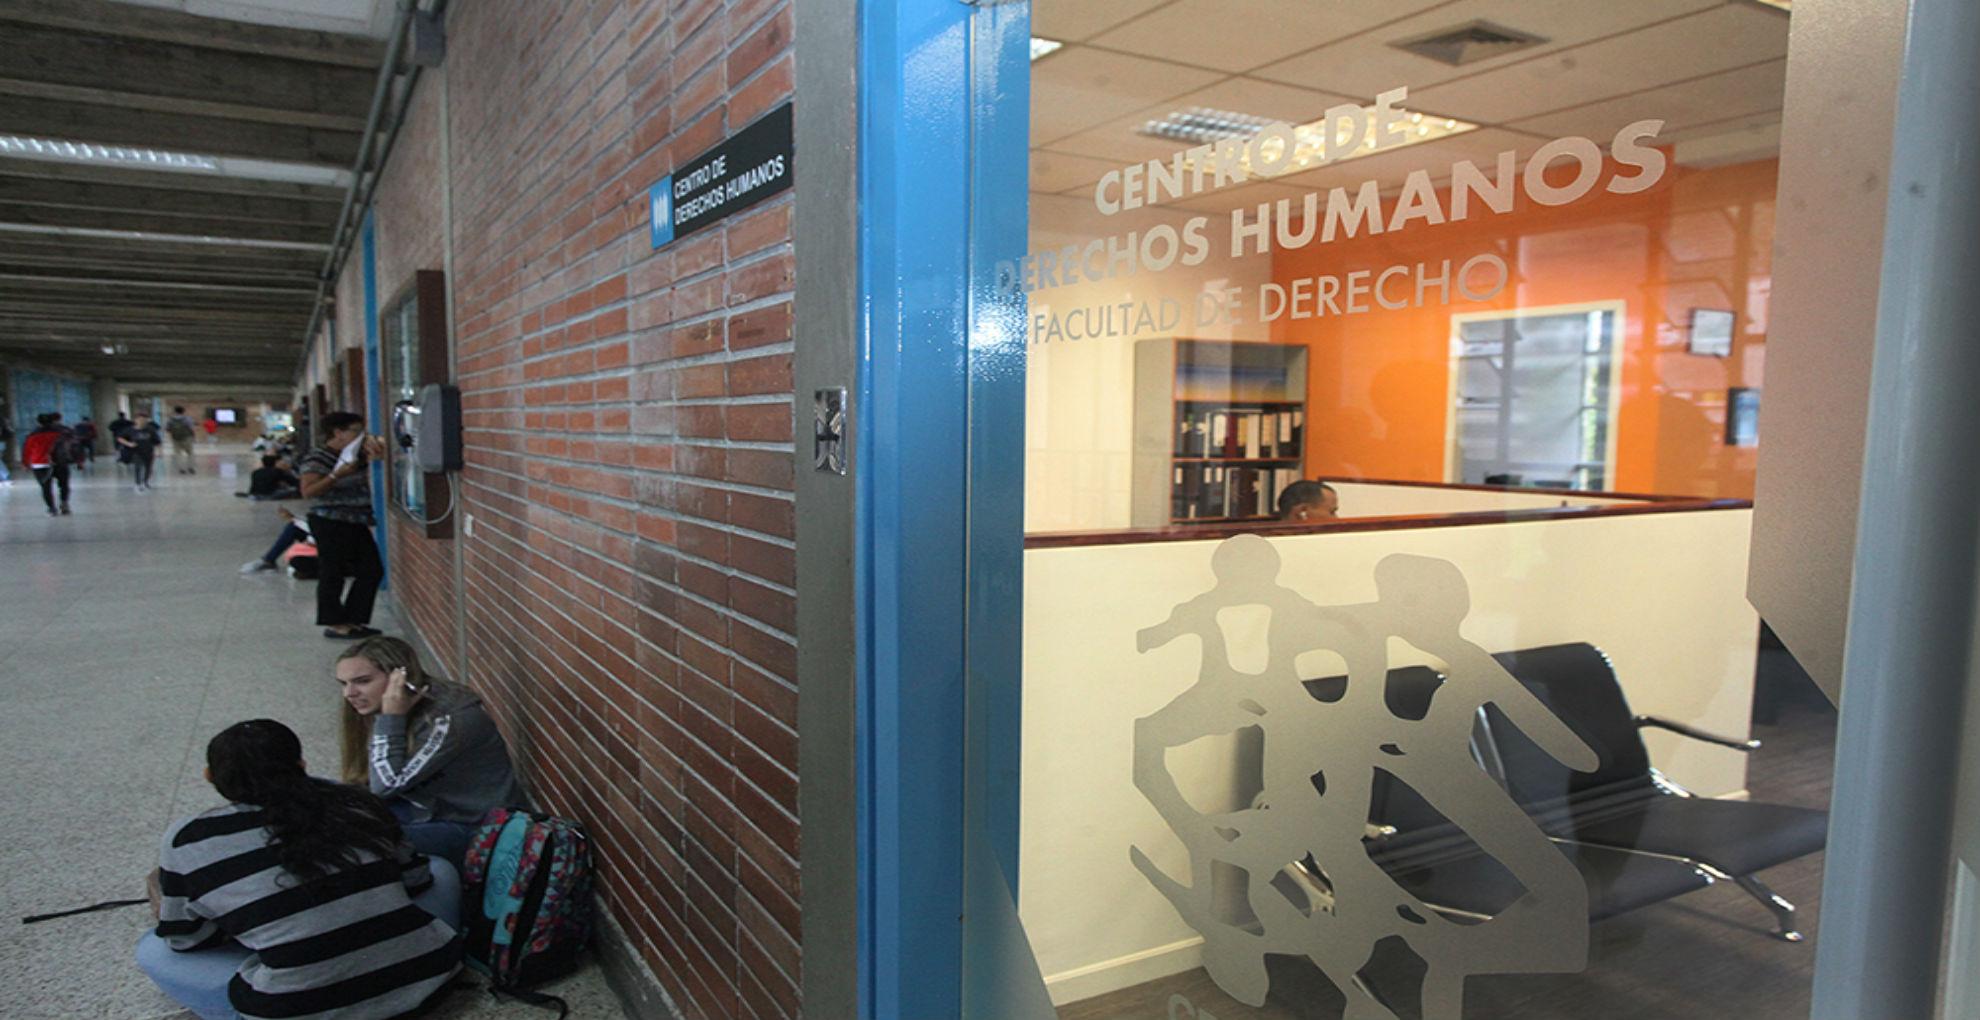 Centro de Derechos Humanos de la UCAB conmemora su 20 aniversario